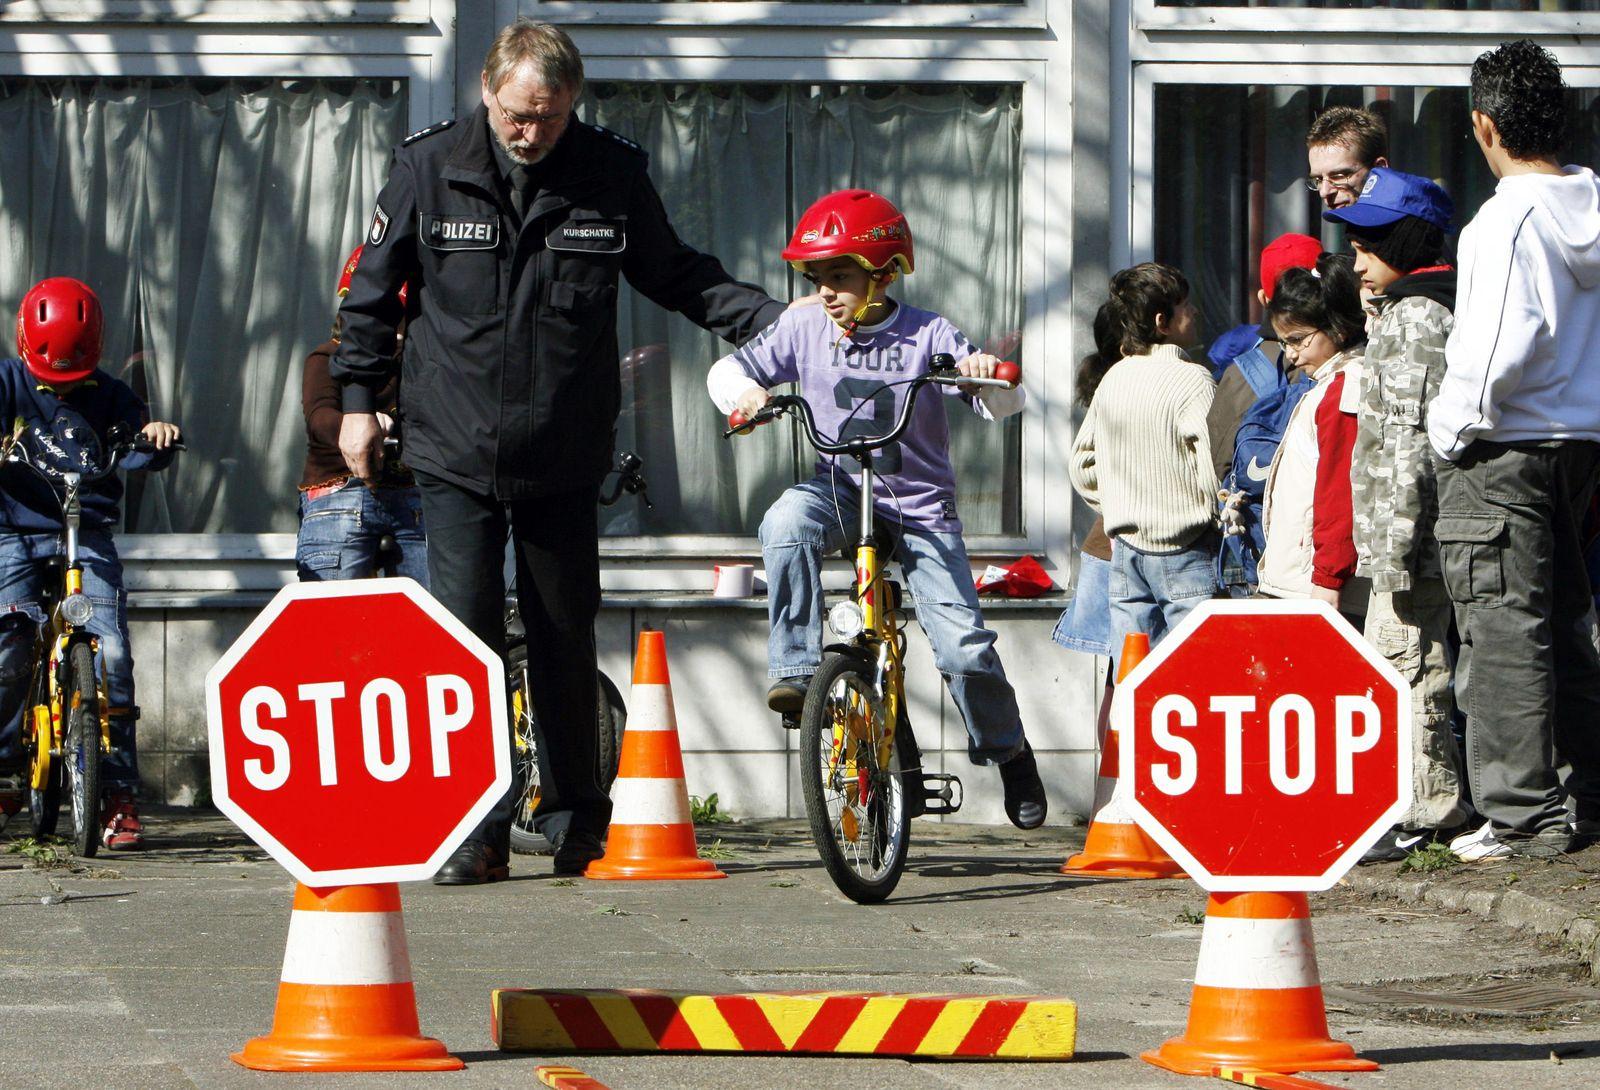 Sicherheitsaktion für Kinder im Straßenverkehr